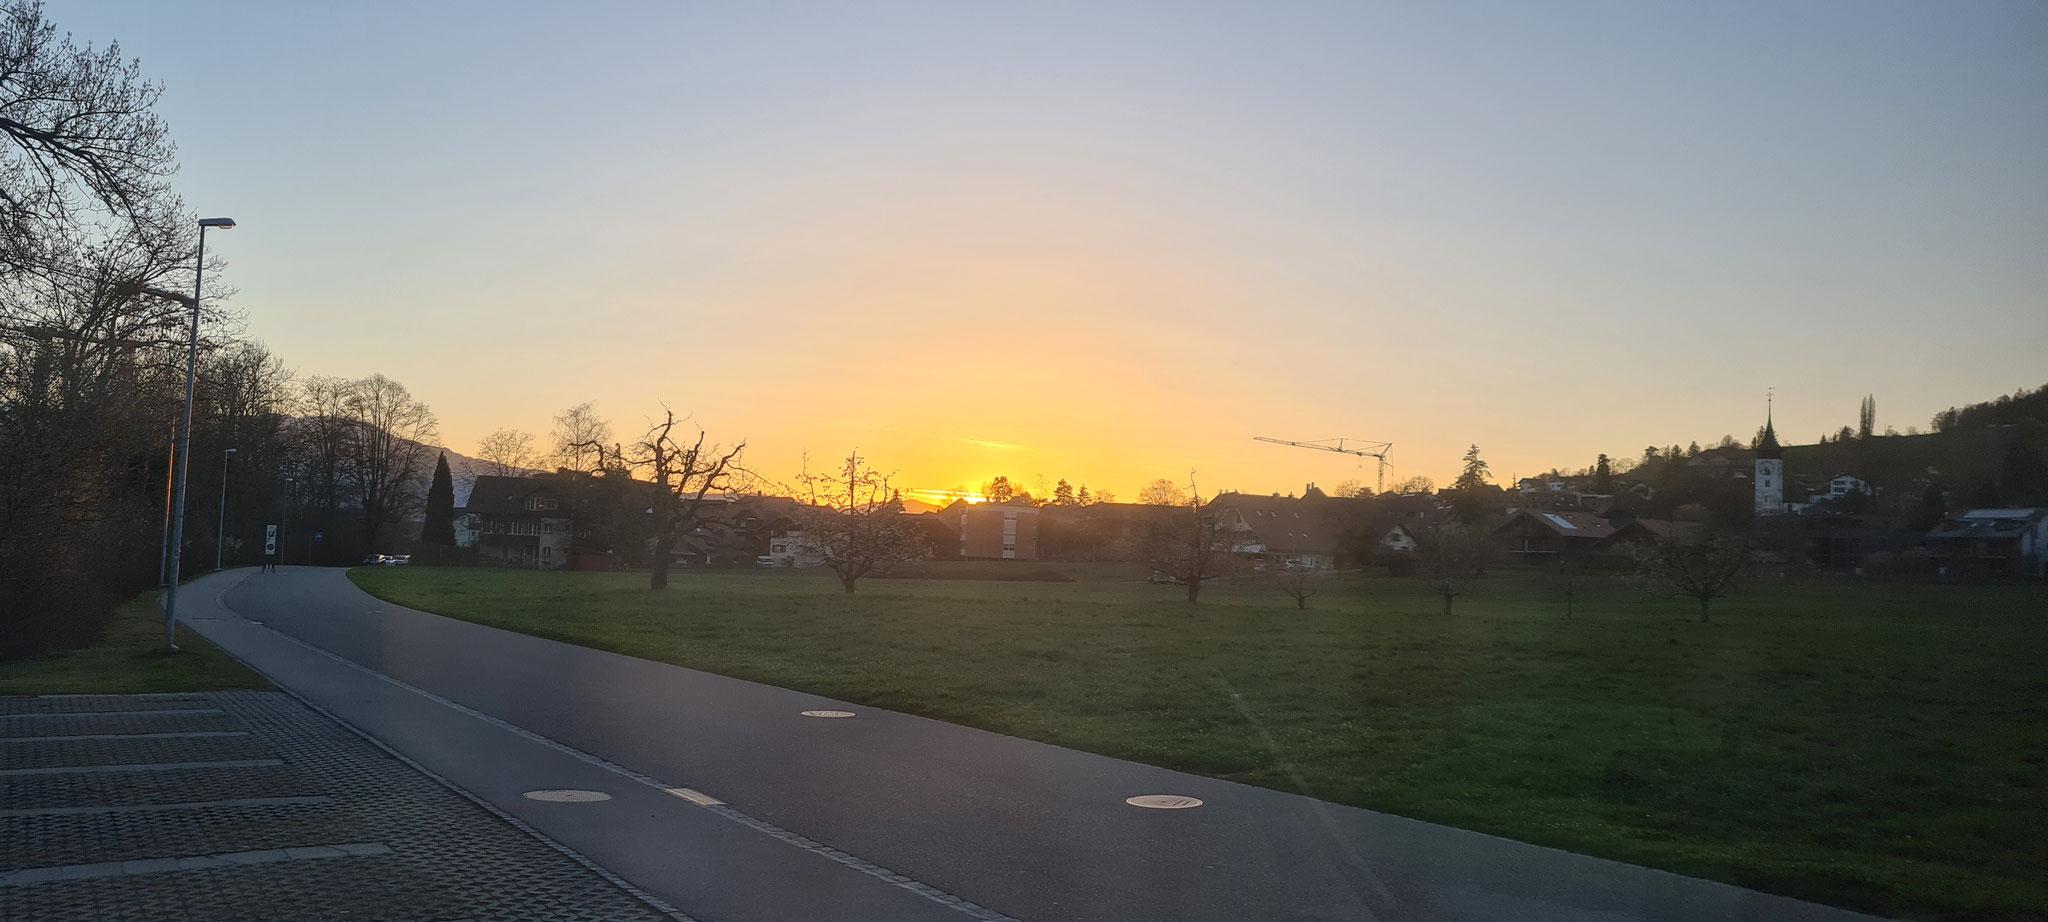 ...und einen schönen Sonnenuntergang